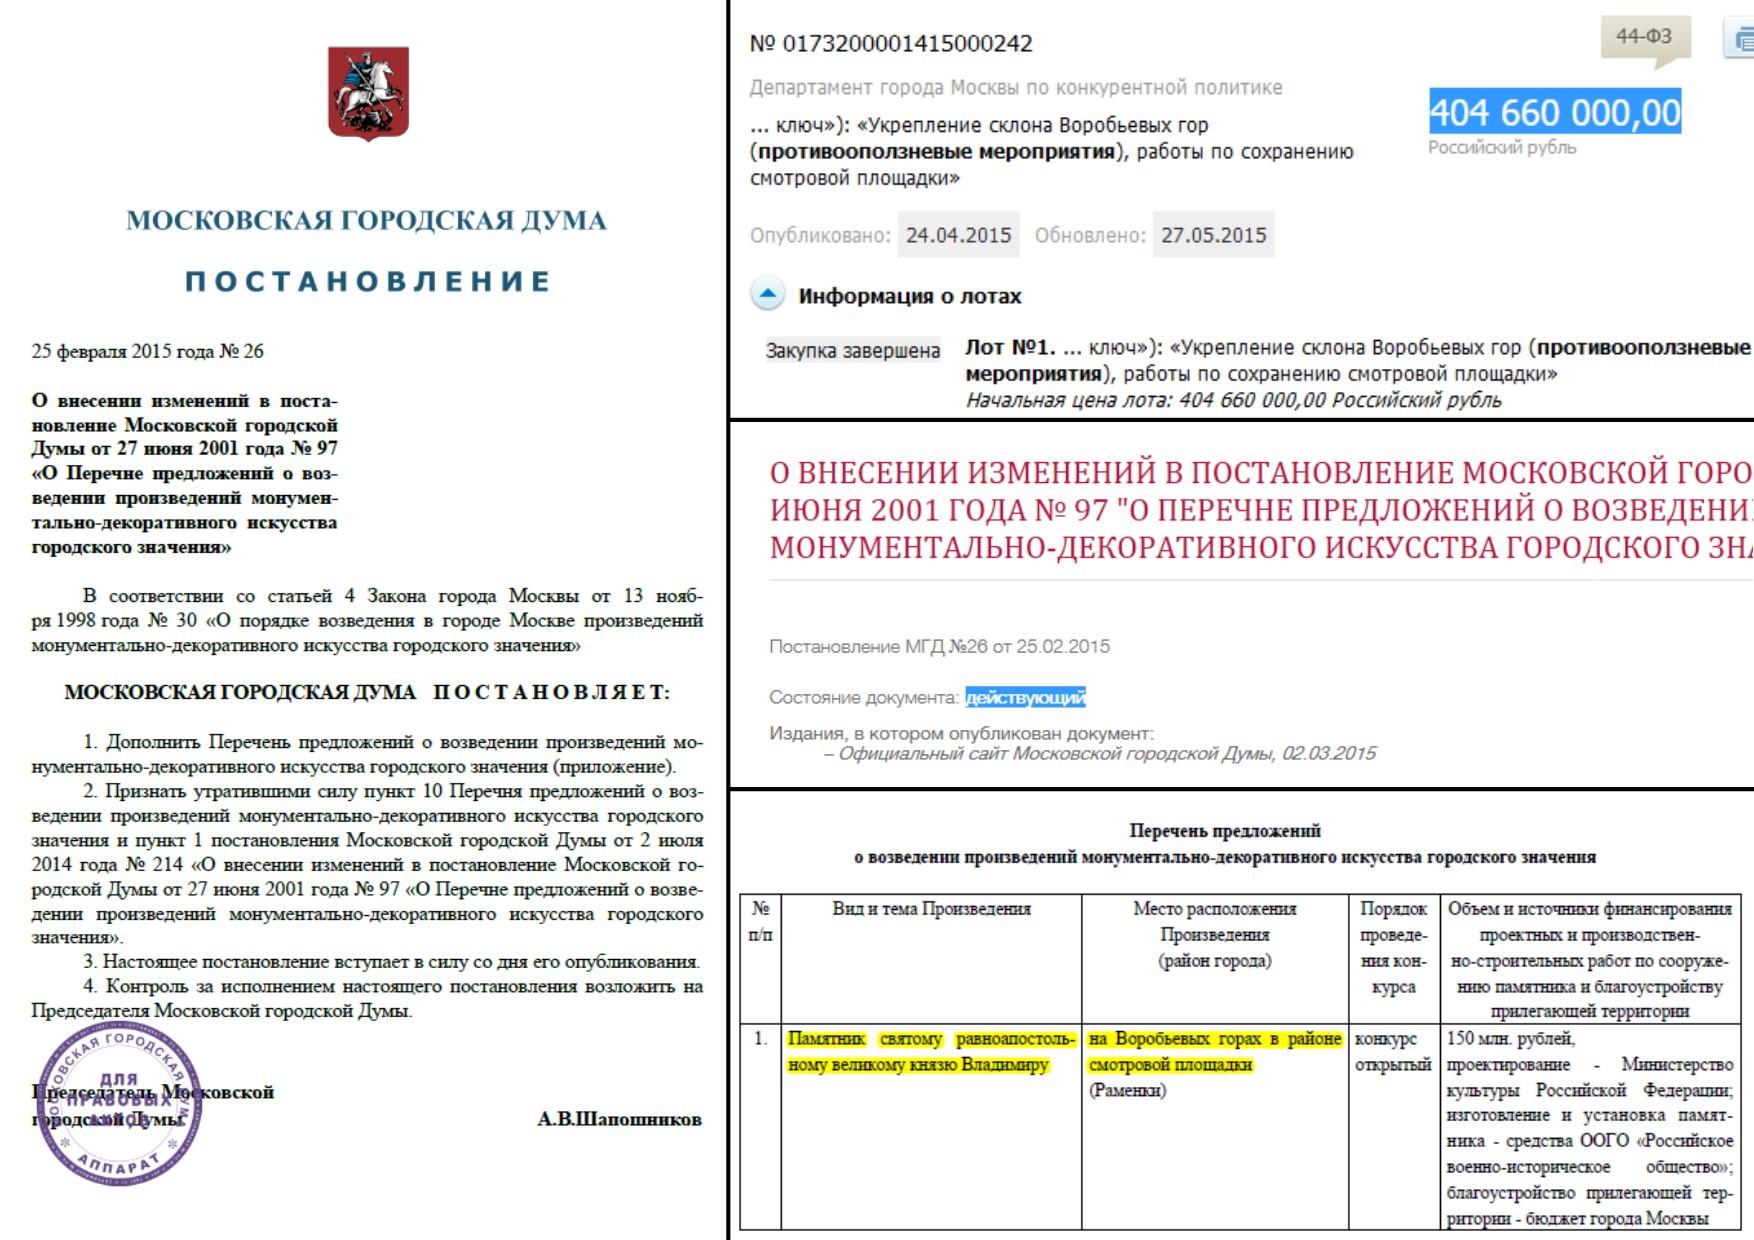 Постановление МГД по памятнику князю Владимиру